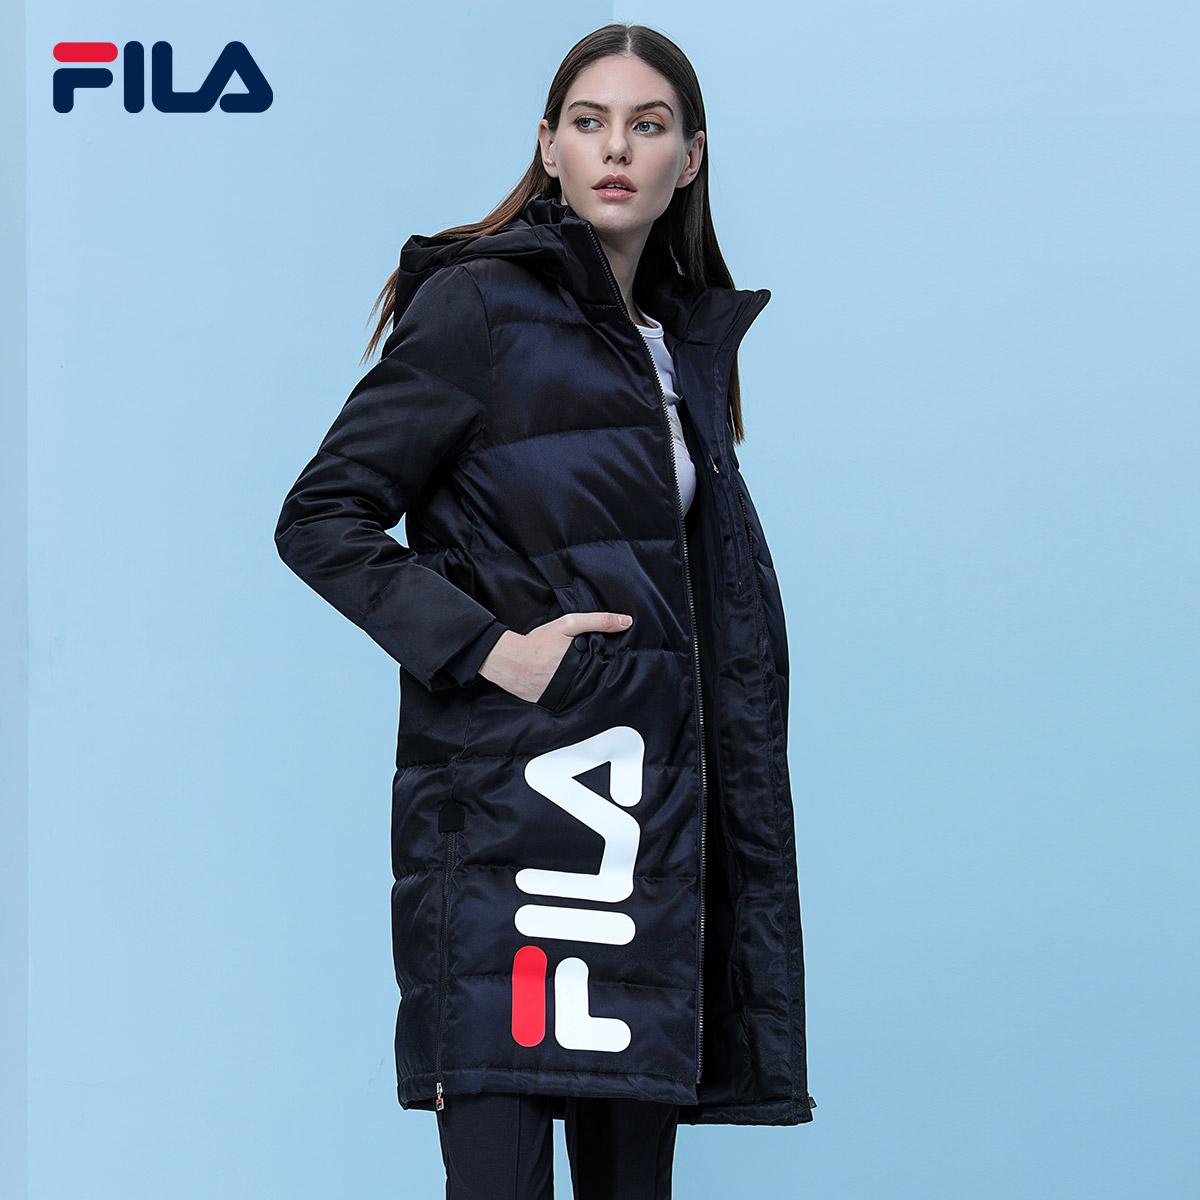 FILA фиджи лего круглый в этом же моделье пальто 2017 новый зимний осенний закрытый утолщённый в длинная модель женщины - белый куртка